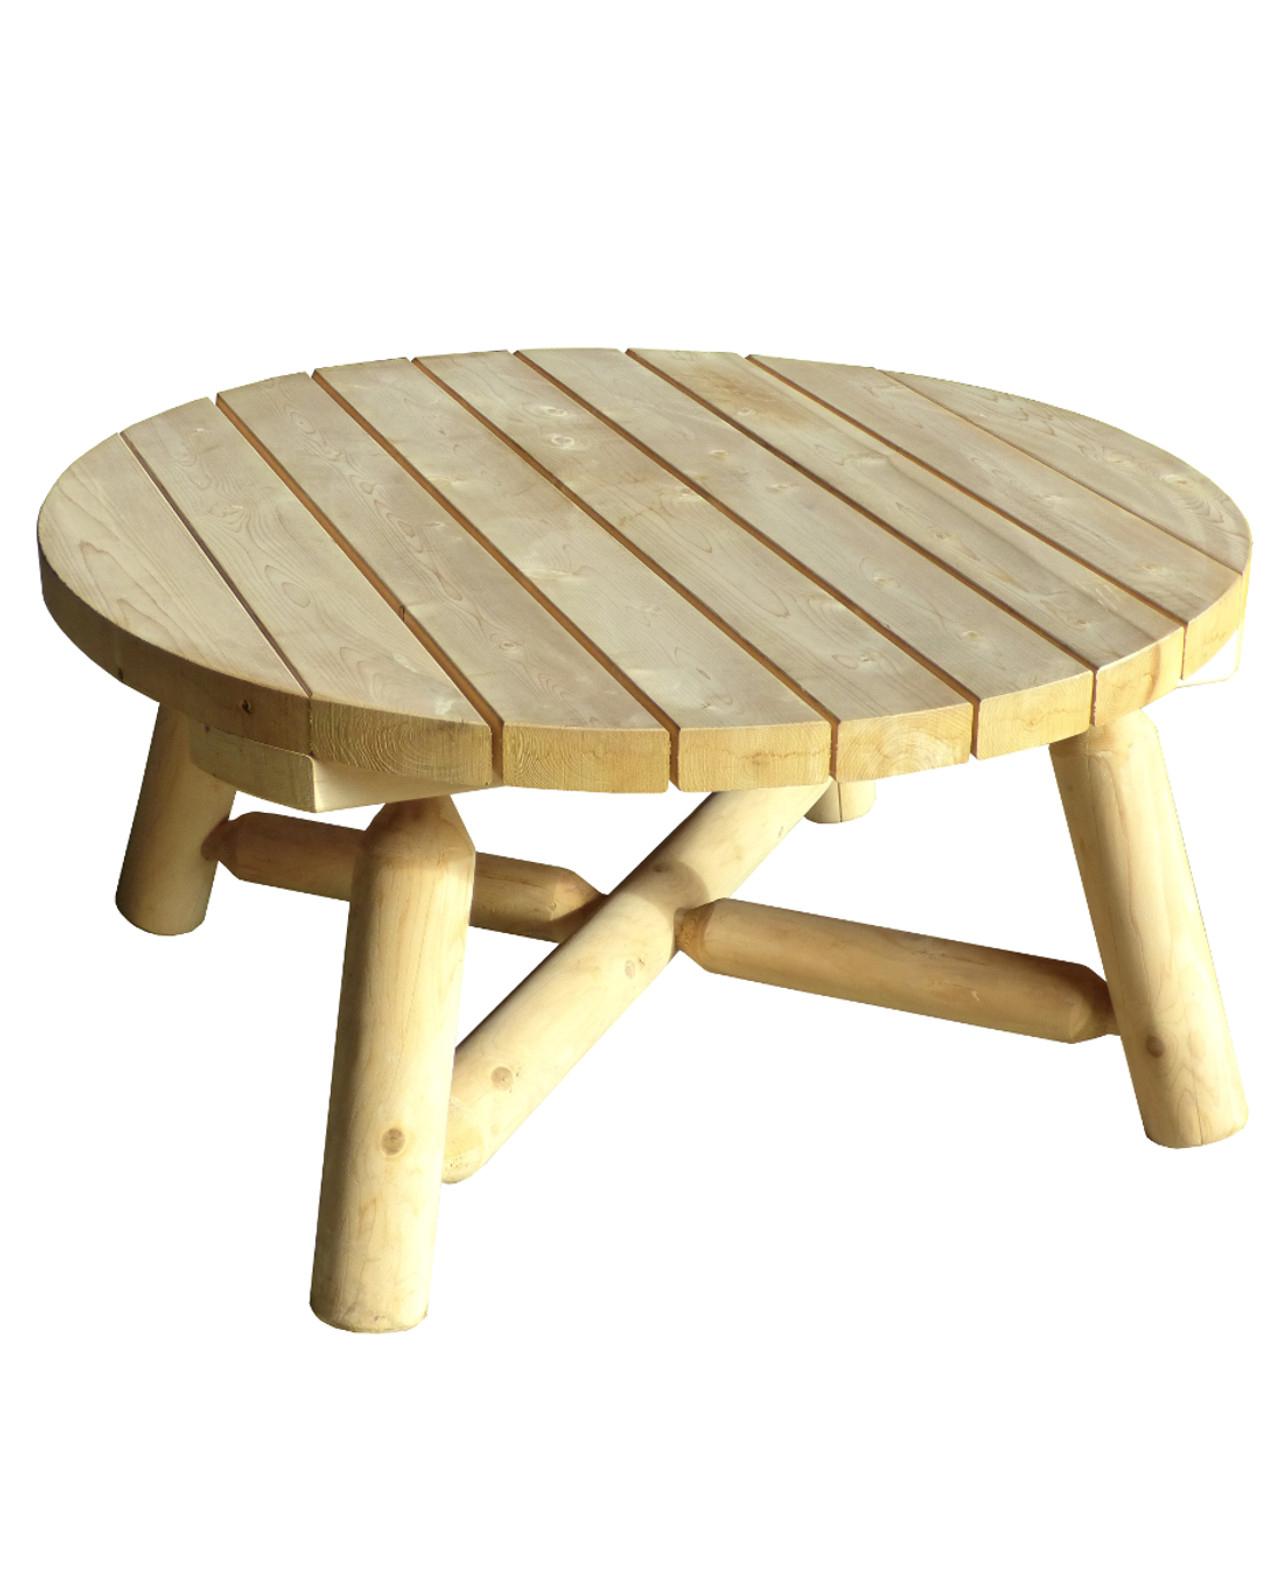 Table Basse De Jardin En Bois De Cèdre Blanc - Grand Modèle intérieur Table Basse De Jardin Pas Cher